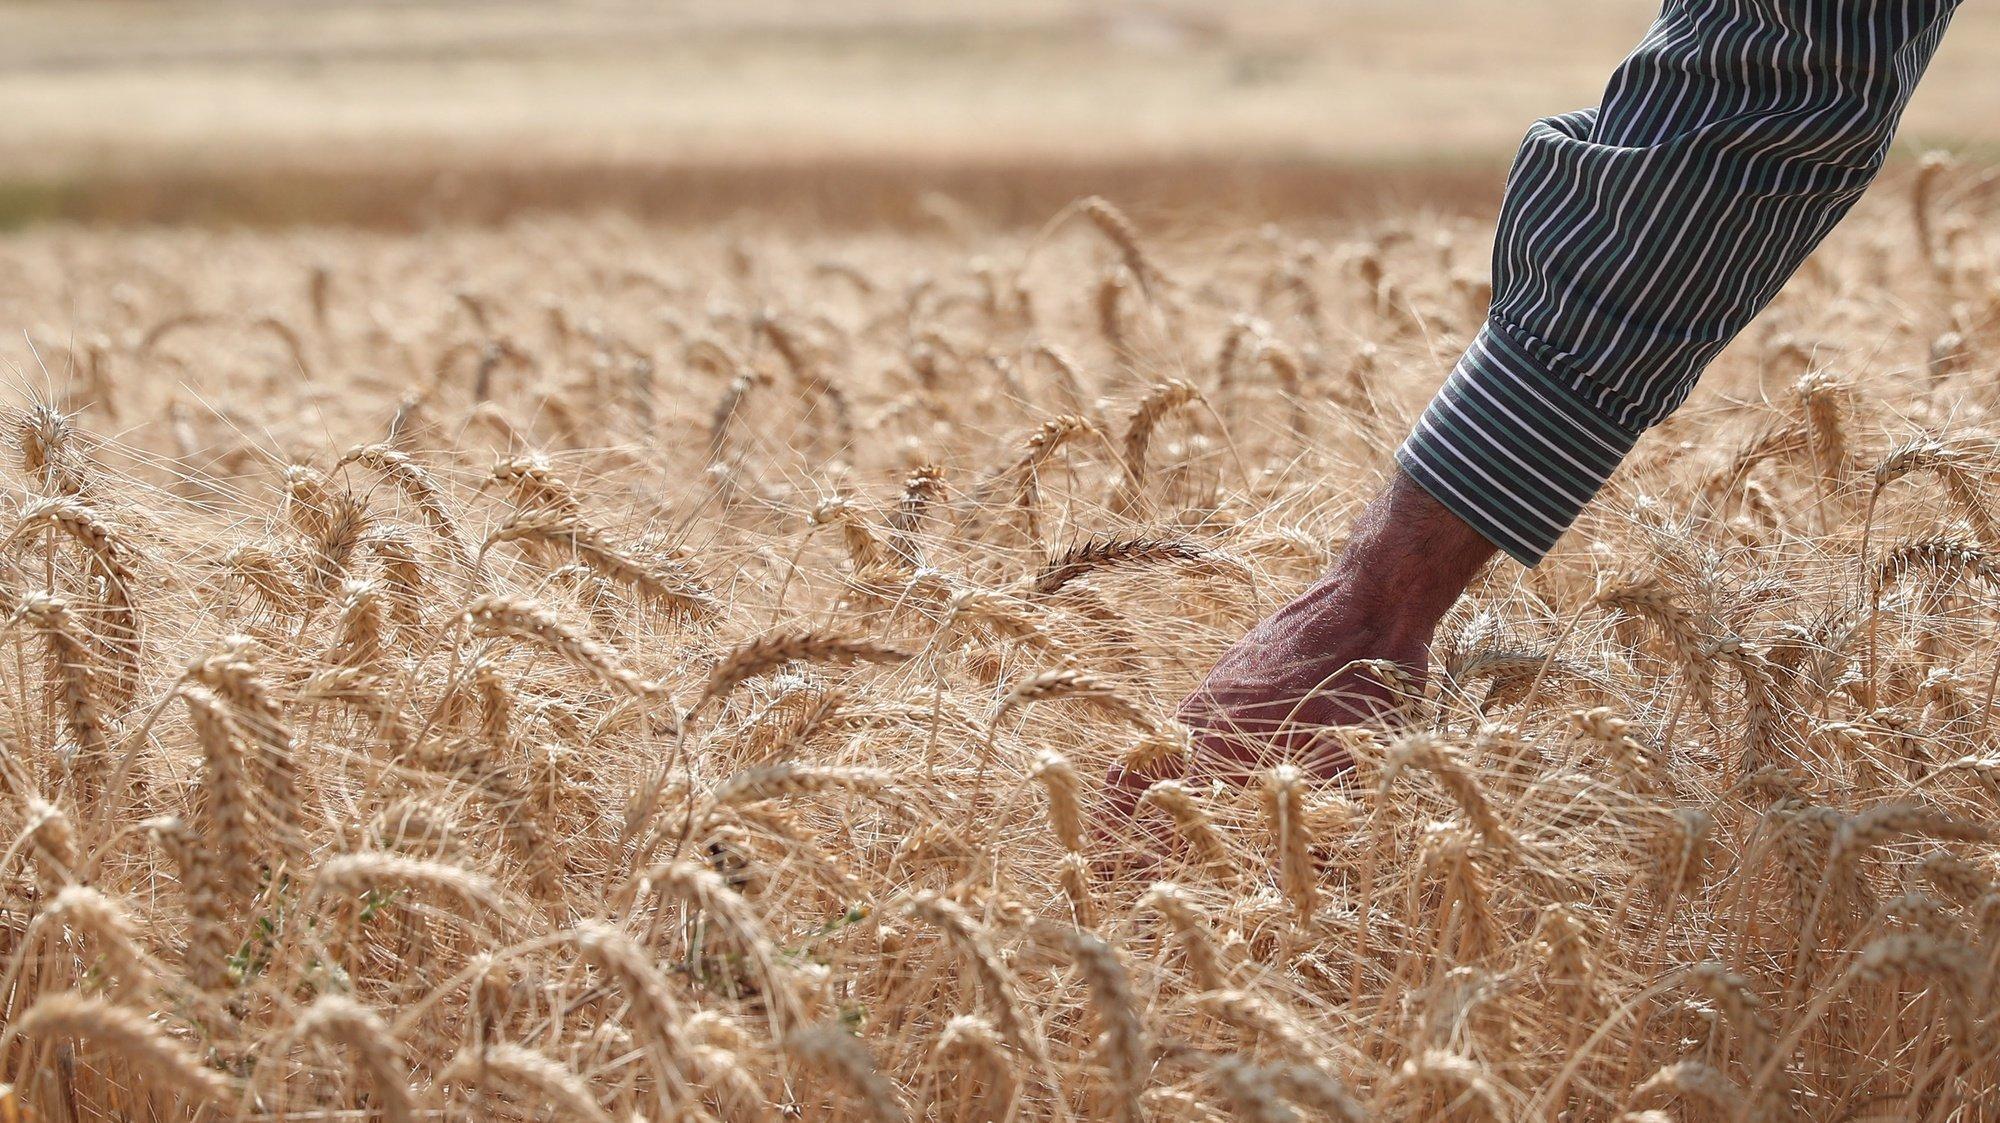 """O professor da Escola Superior Agrária de Beja José Dores observa o crescimento do trigo em Castro Verde, 24 de maio de 2021. Sem acesso ao Alqueva e com as alterações climáticas a causarem mais problemas, os agricultores do Campo Branco, no distrito de Beja, estão a trabalhar em busca de novos """"nichos"""" de mercado para valorizar as suas produções. (ACOMPANHA TEXTO DO DIA DE 05 DE JUNHO DE 2021). NUNO VEIGA/LUSA"""